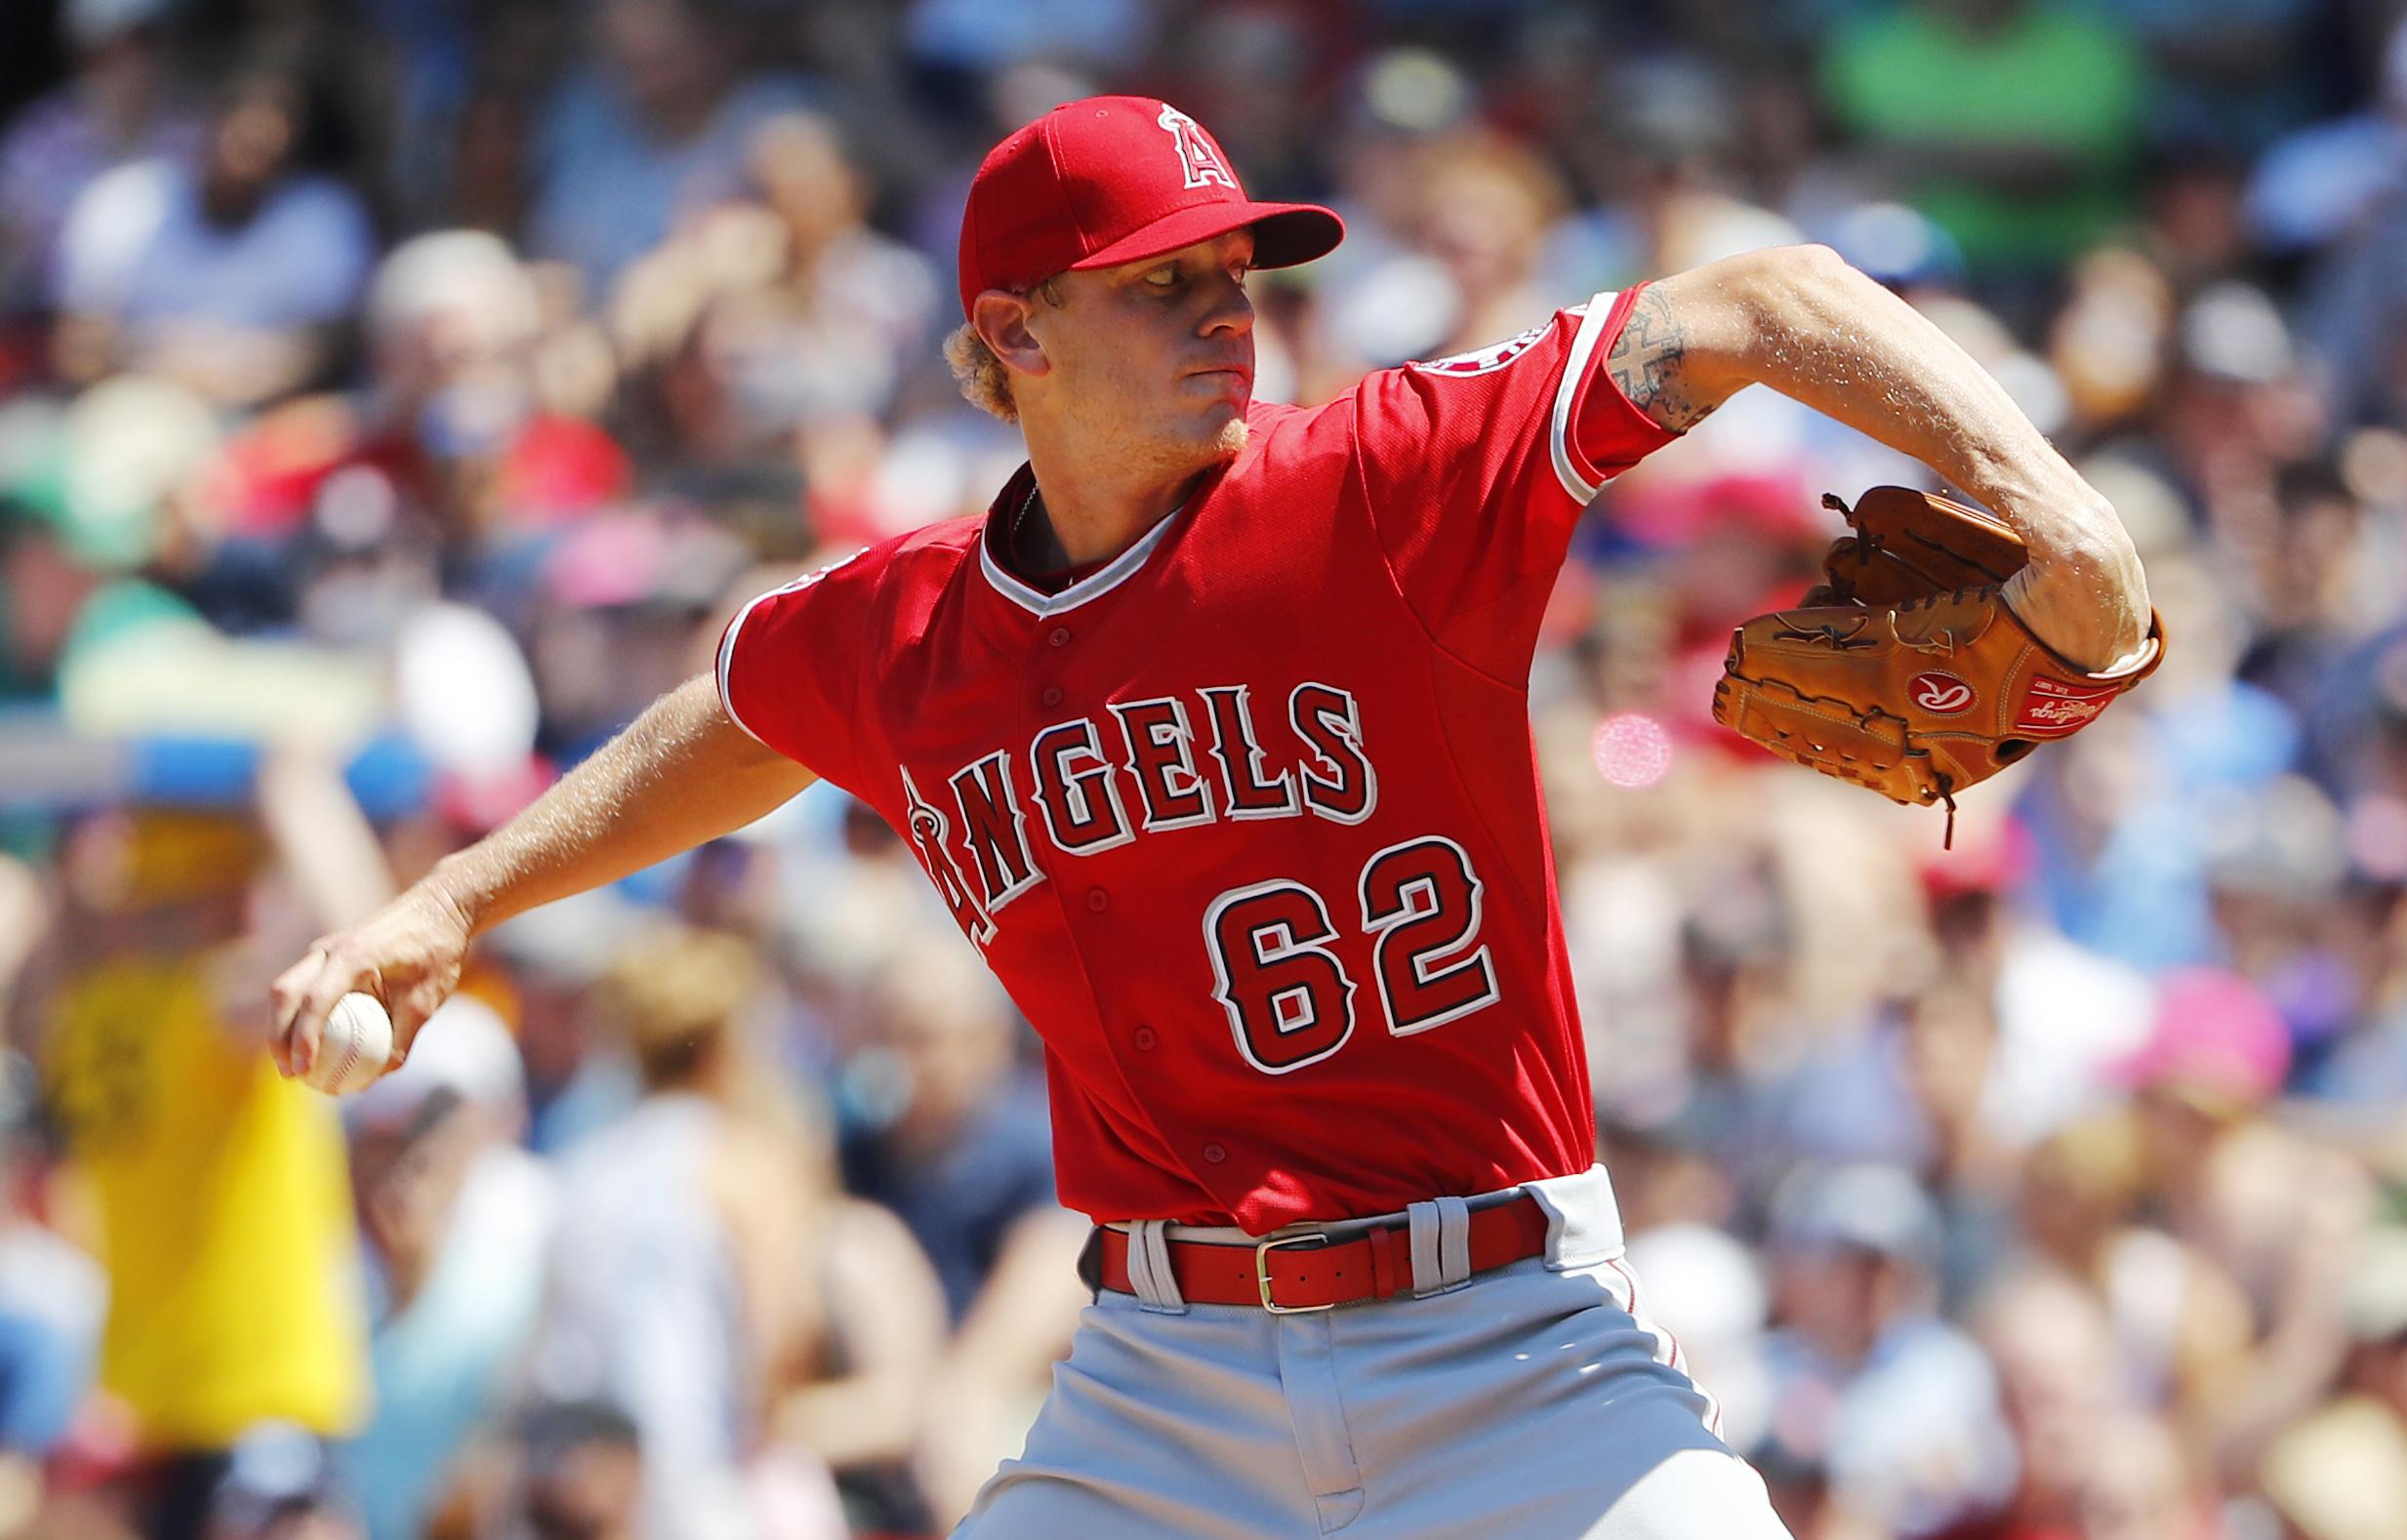 10130839-mlb-los-angeles-angels-at-boston-red-sox